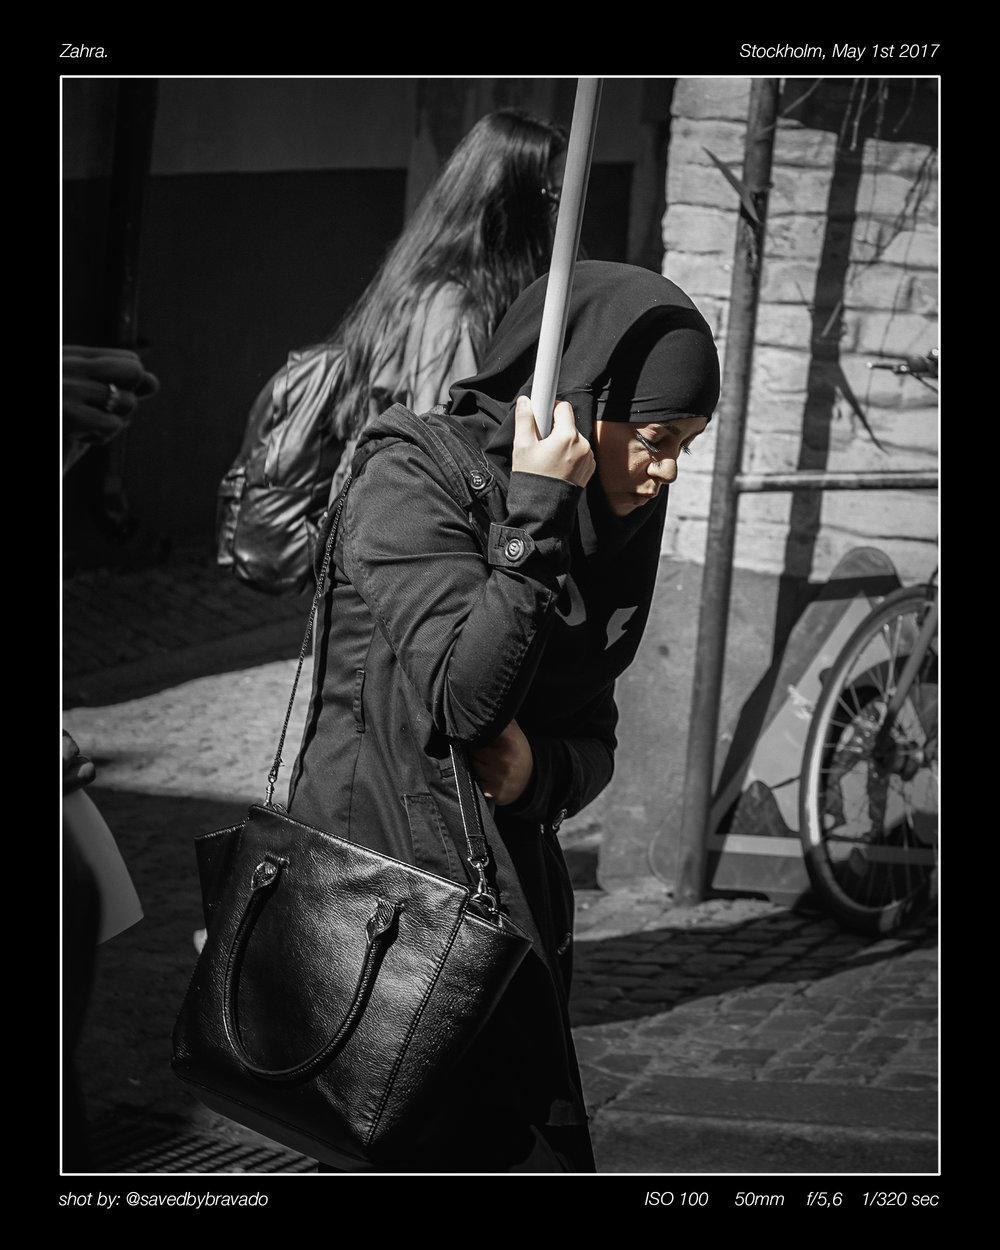 1maj_zahra.jpg